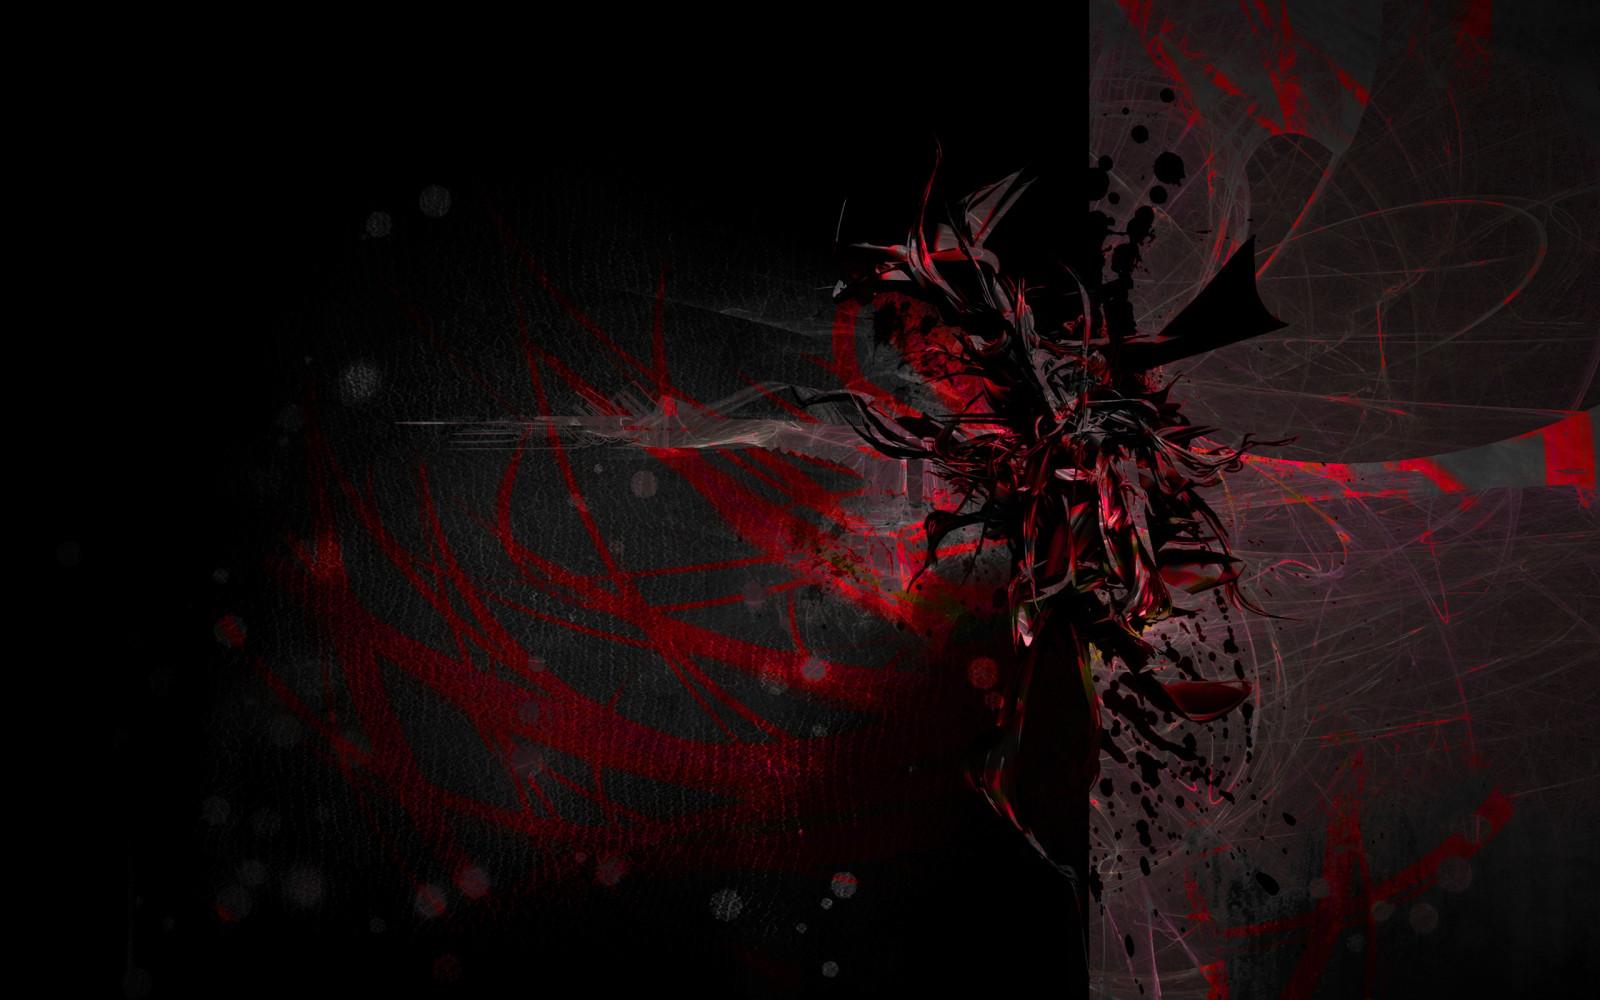 Картинки надписями, крутые картинки черный фон красная краска для пацанов